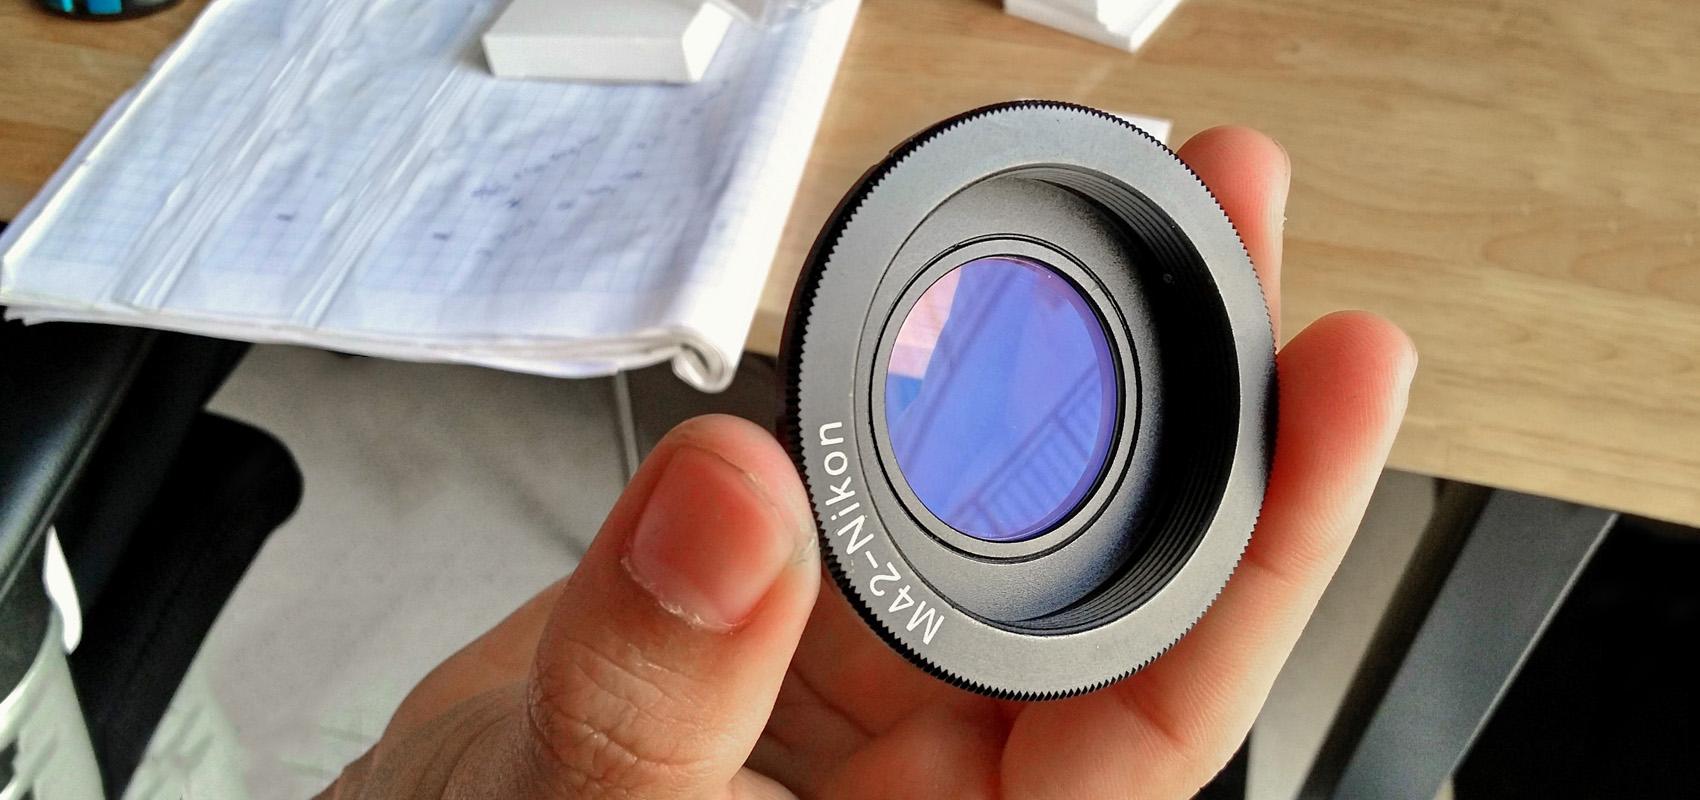 Mount chuyển ngàm M42-Nikon chống cận for body Nikon